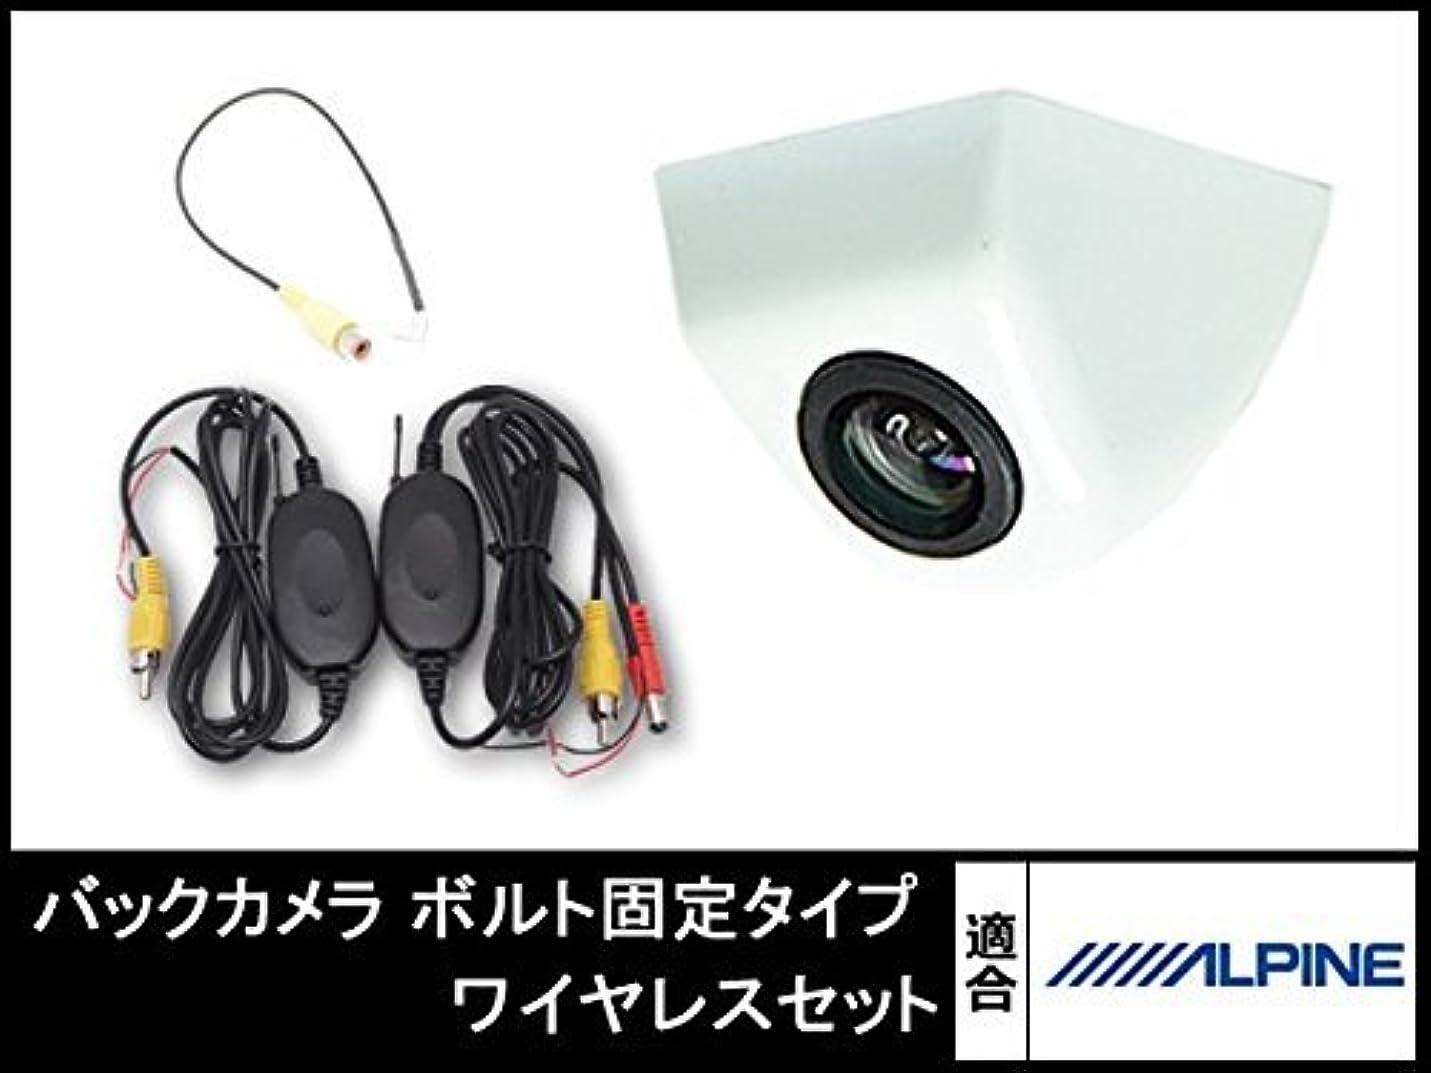 会計怠感表向きワゴンR 専用設計ナビ X8-WR 対応 高画質 バックカメラ ボルト固定タイプ ホワイト 車載用 広角170° 超高精細 CMOS センサー 【ワイヤレスキット付】